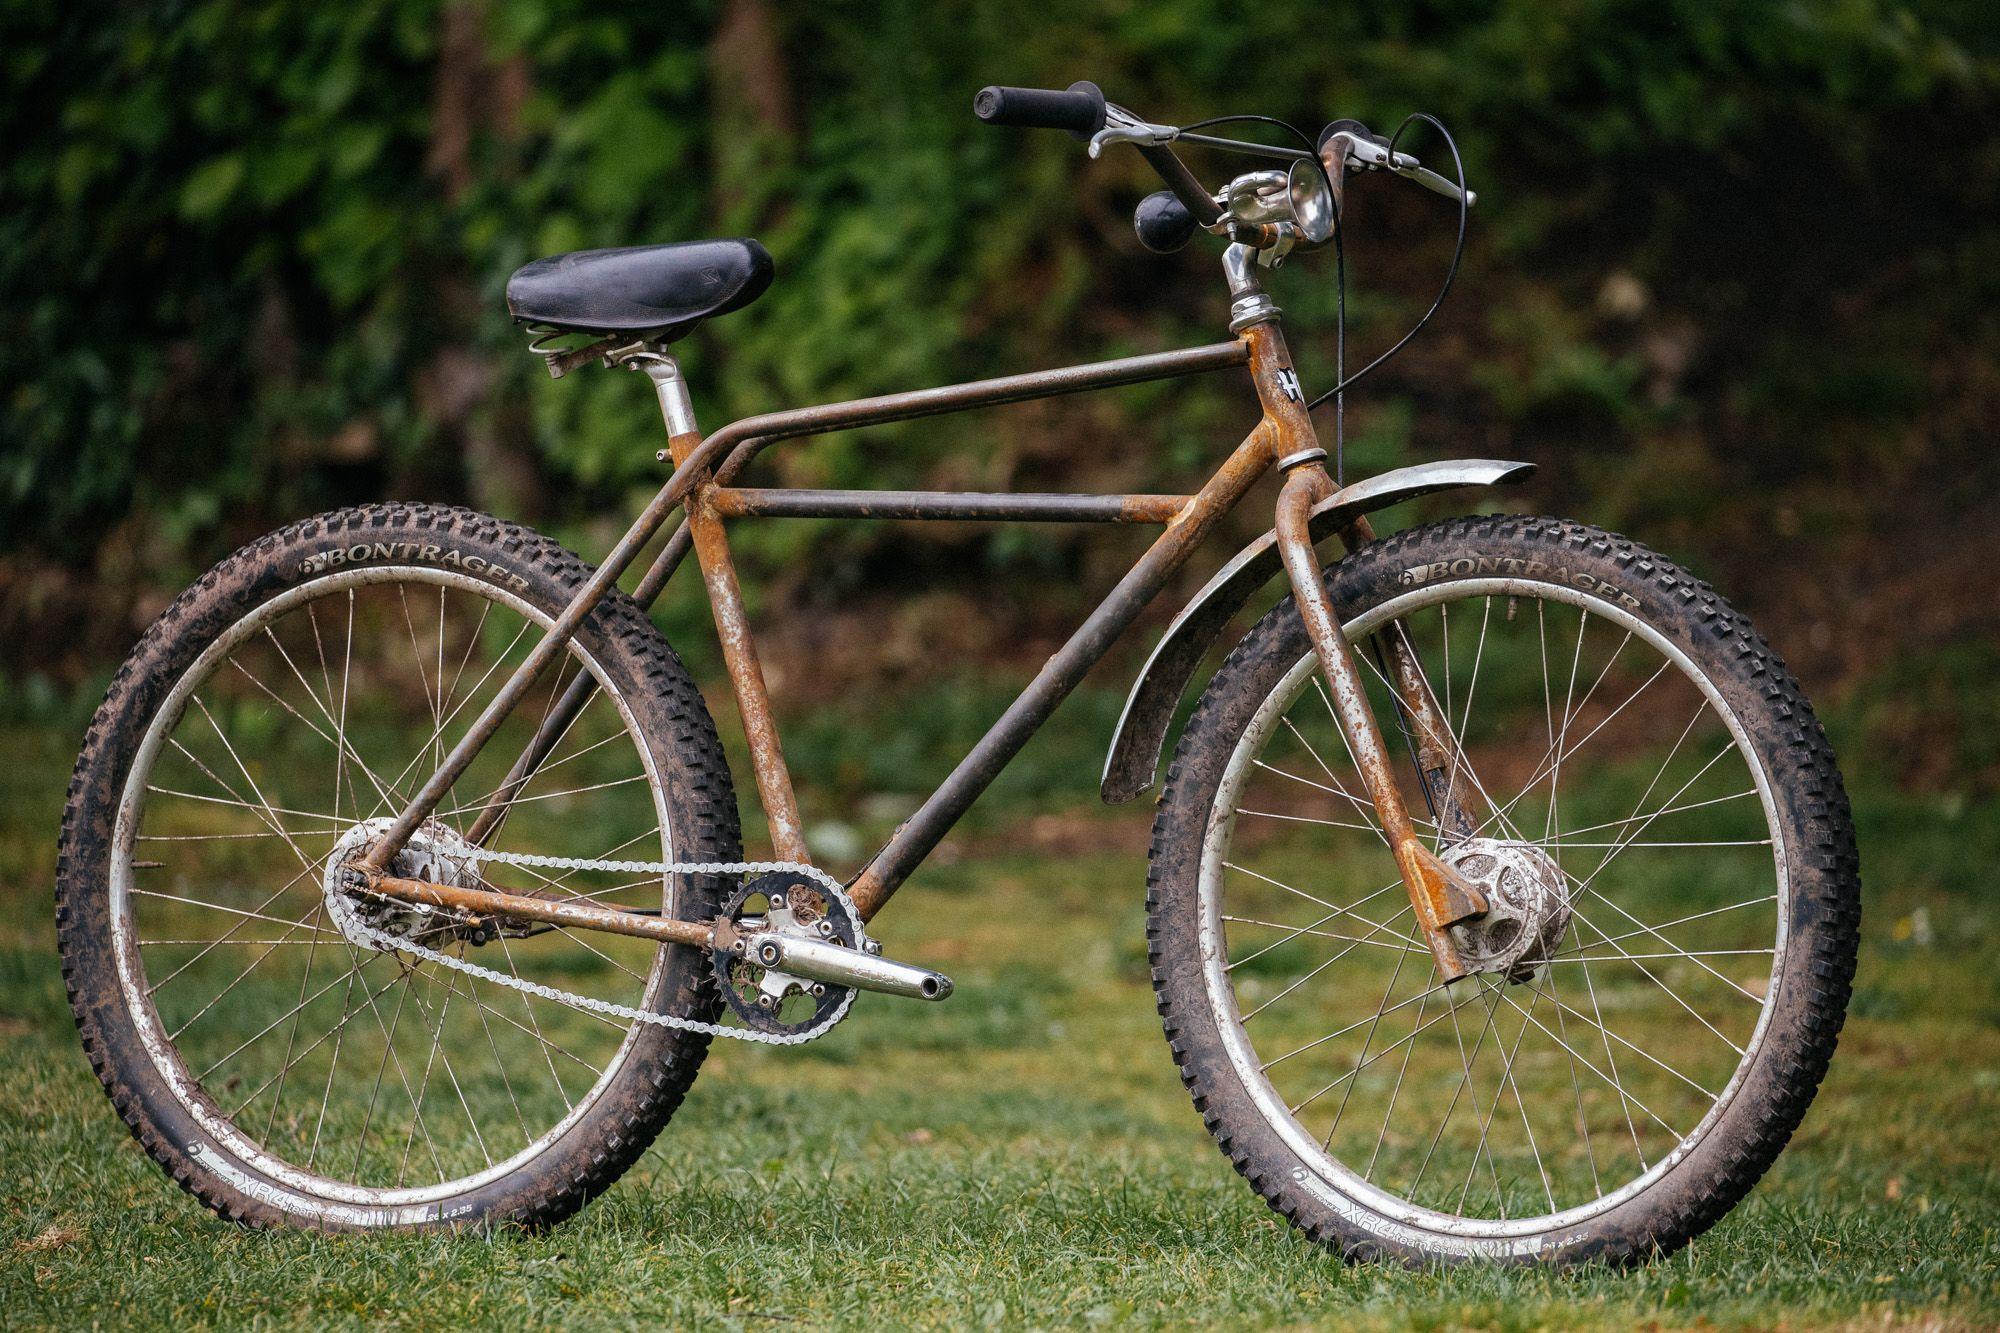 b1ef259dee2 Andrew's Hack Bike Derby Not-So-Trusty Rusty Klunker | Velo | Bike ...